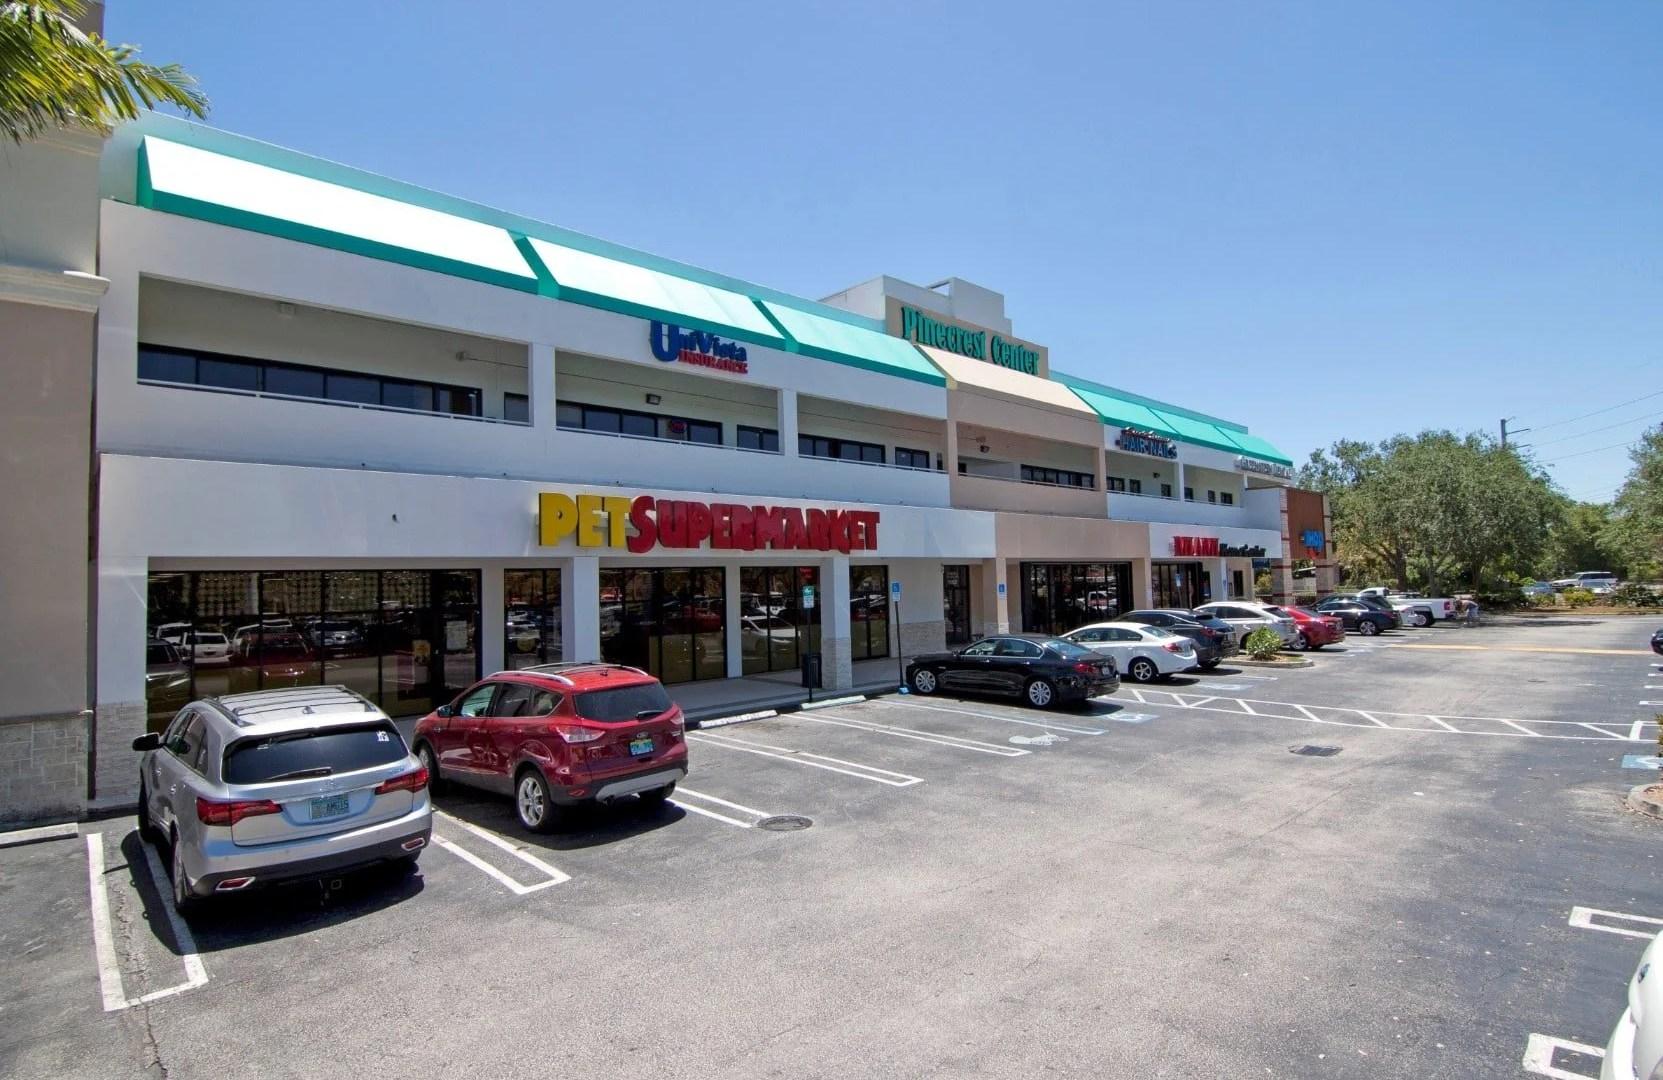 Pinecrest Center (Pinecrest, FL)